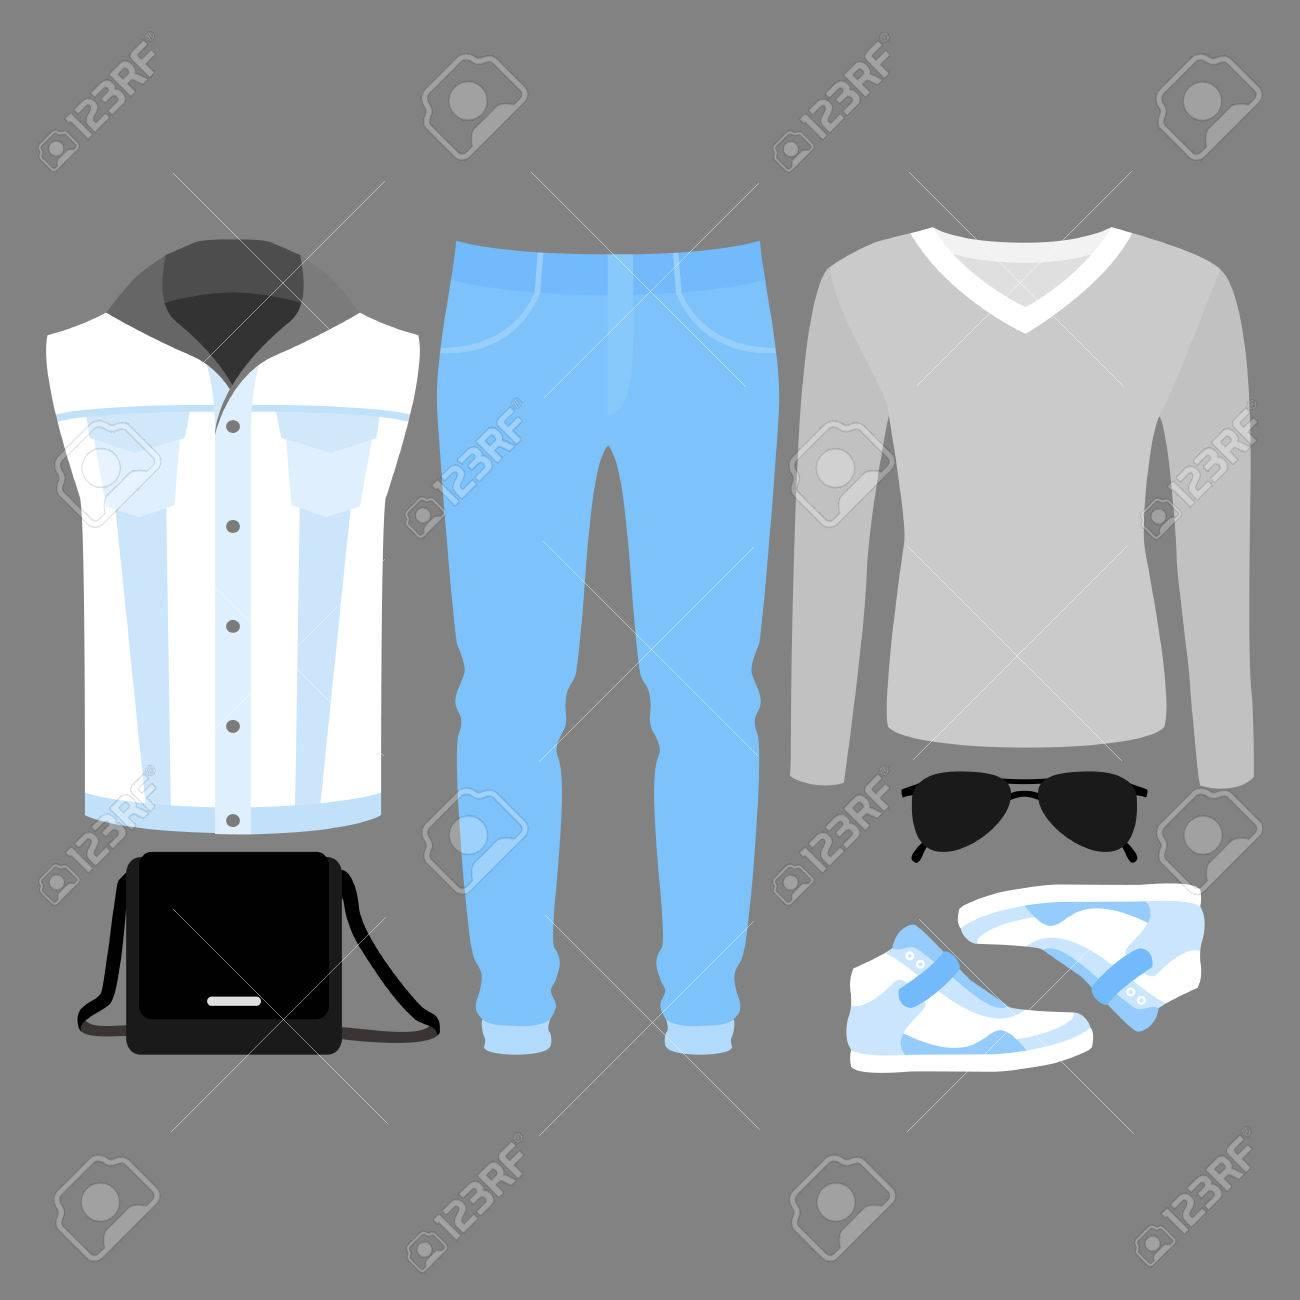 c5b7eb1a7 Conjunto de ropa de hombre de moda. Traje del hombre del dril de algodón  del chaleco, pantalones vaqueros, jersey y accesorios. armario masculino.  ...